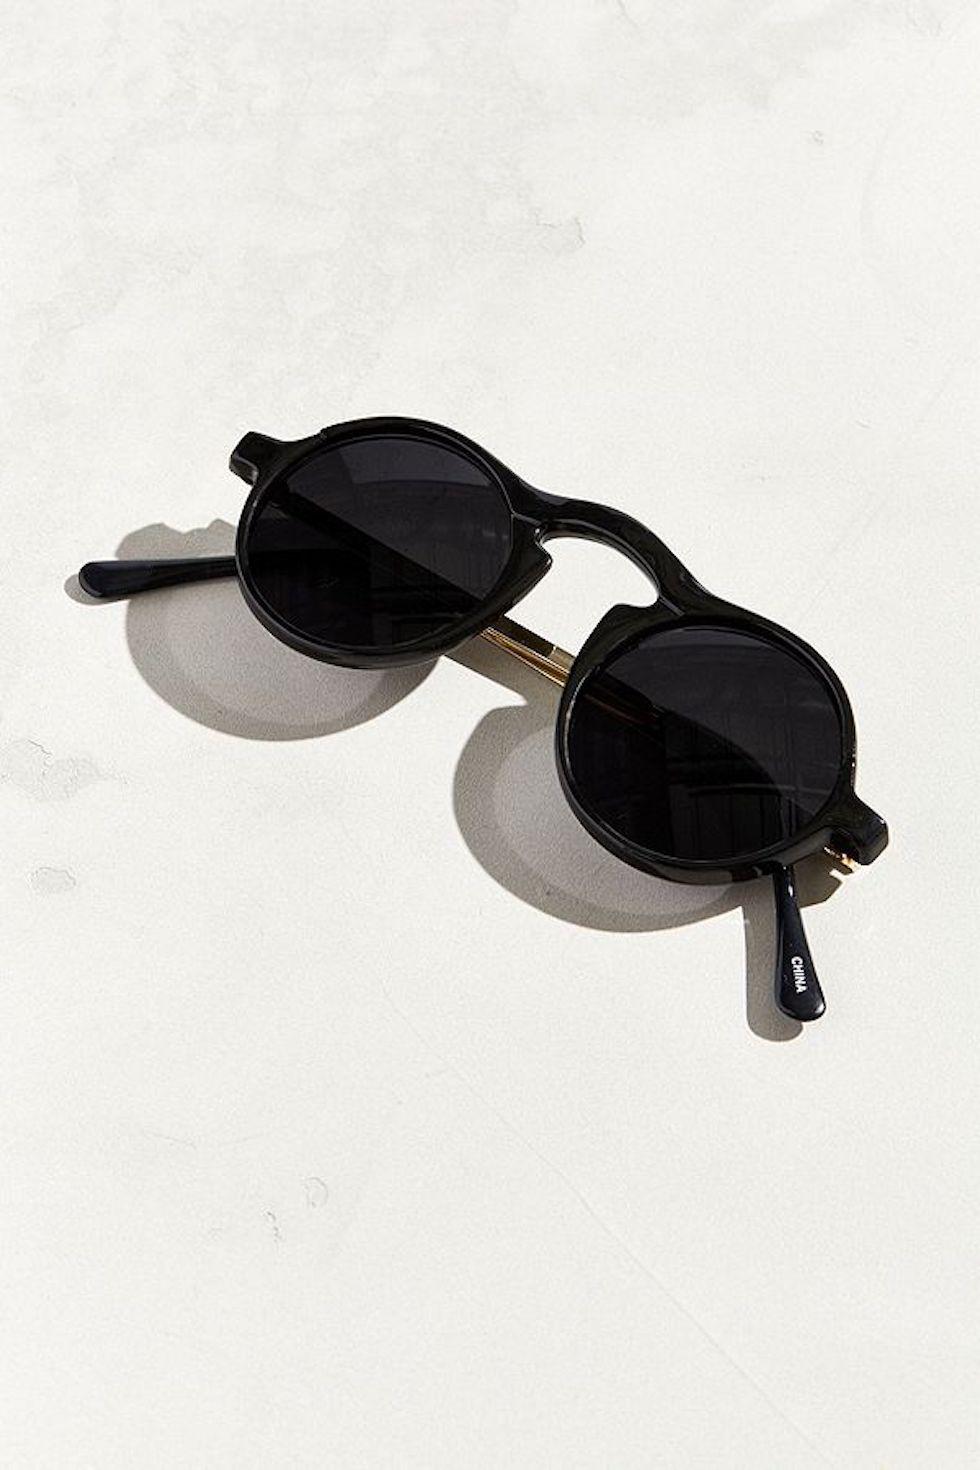 0735f8e2777 The 10 Best Sunglasses For Men 2018 - Stylish New Sunglasses For Men